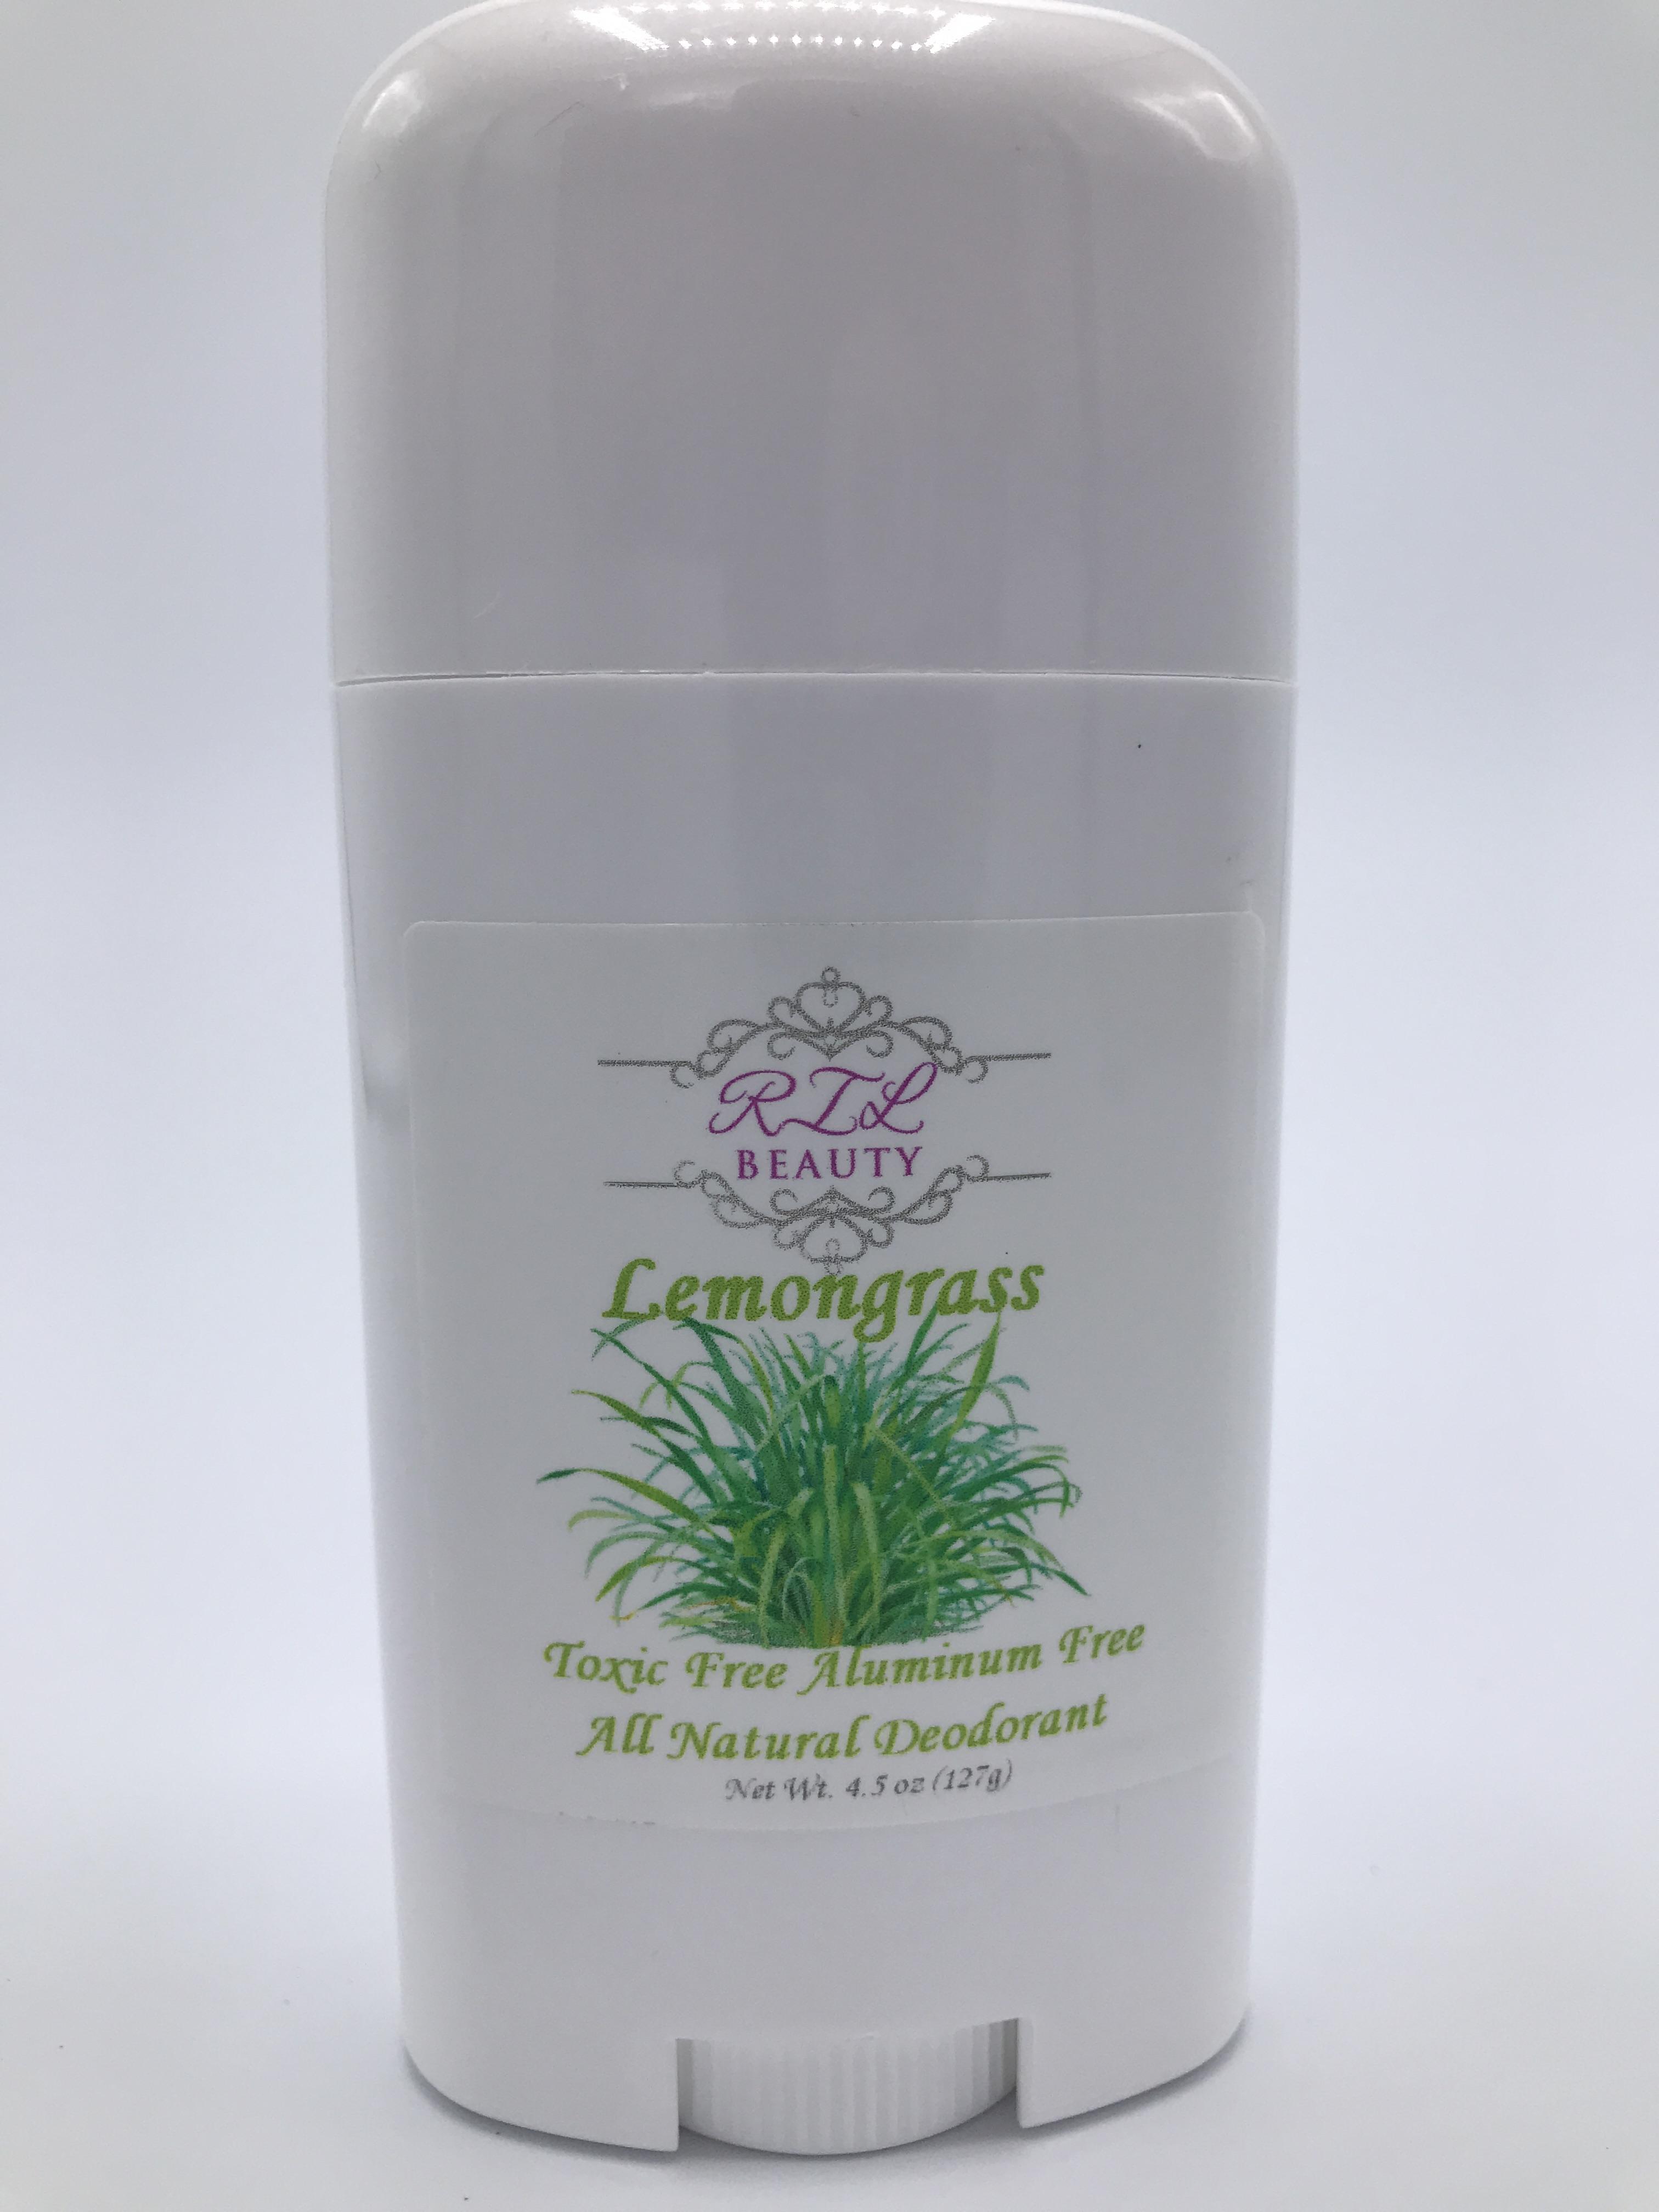 Lemongrass Essential Oil Toxic Free Aluminum Free Deodorant!